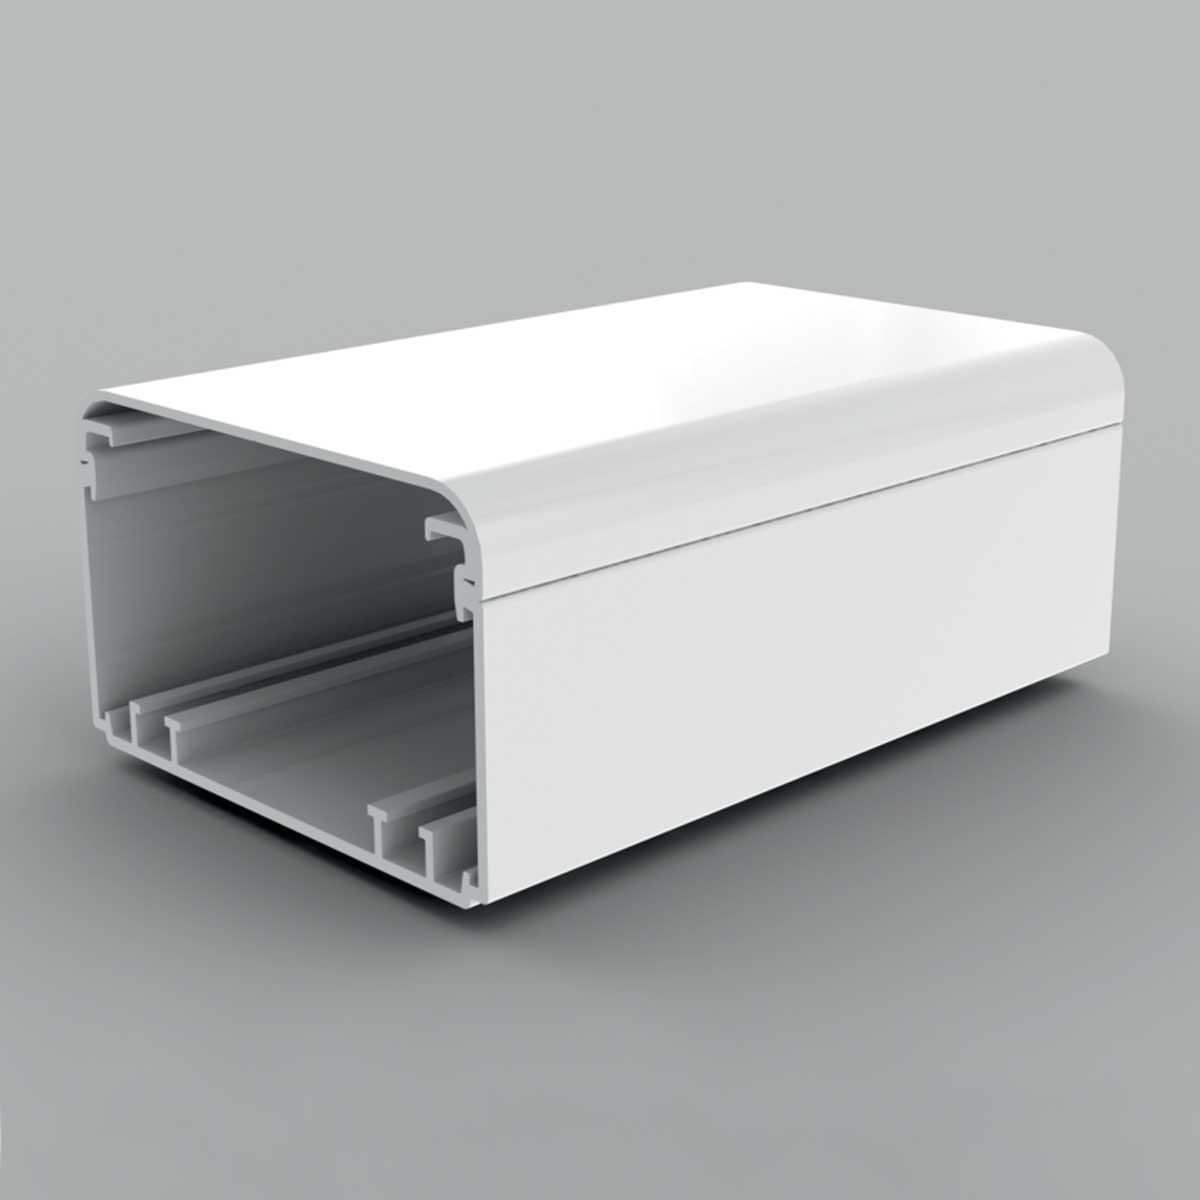 Кабельний канал білого кольору  100х60мм; Серія EKЕ; ПВХ